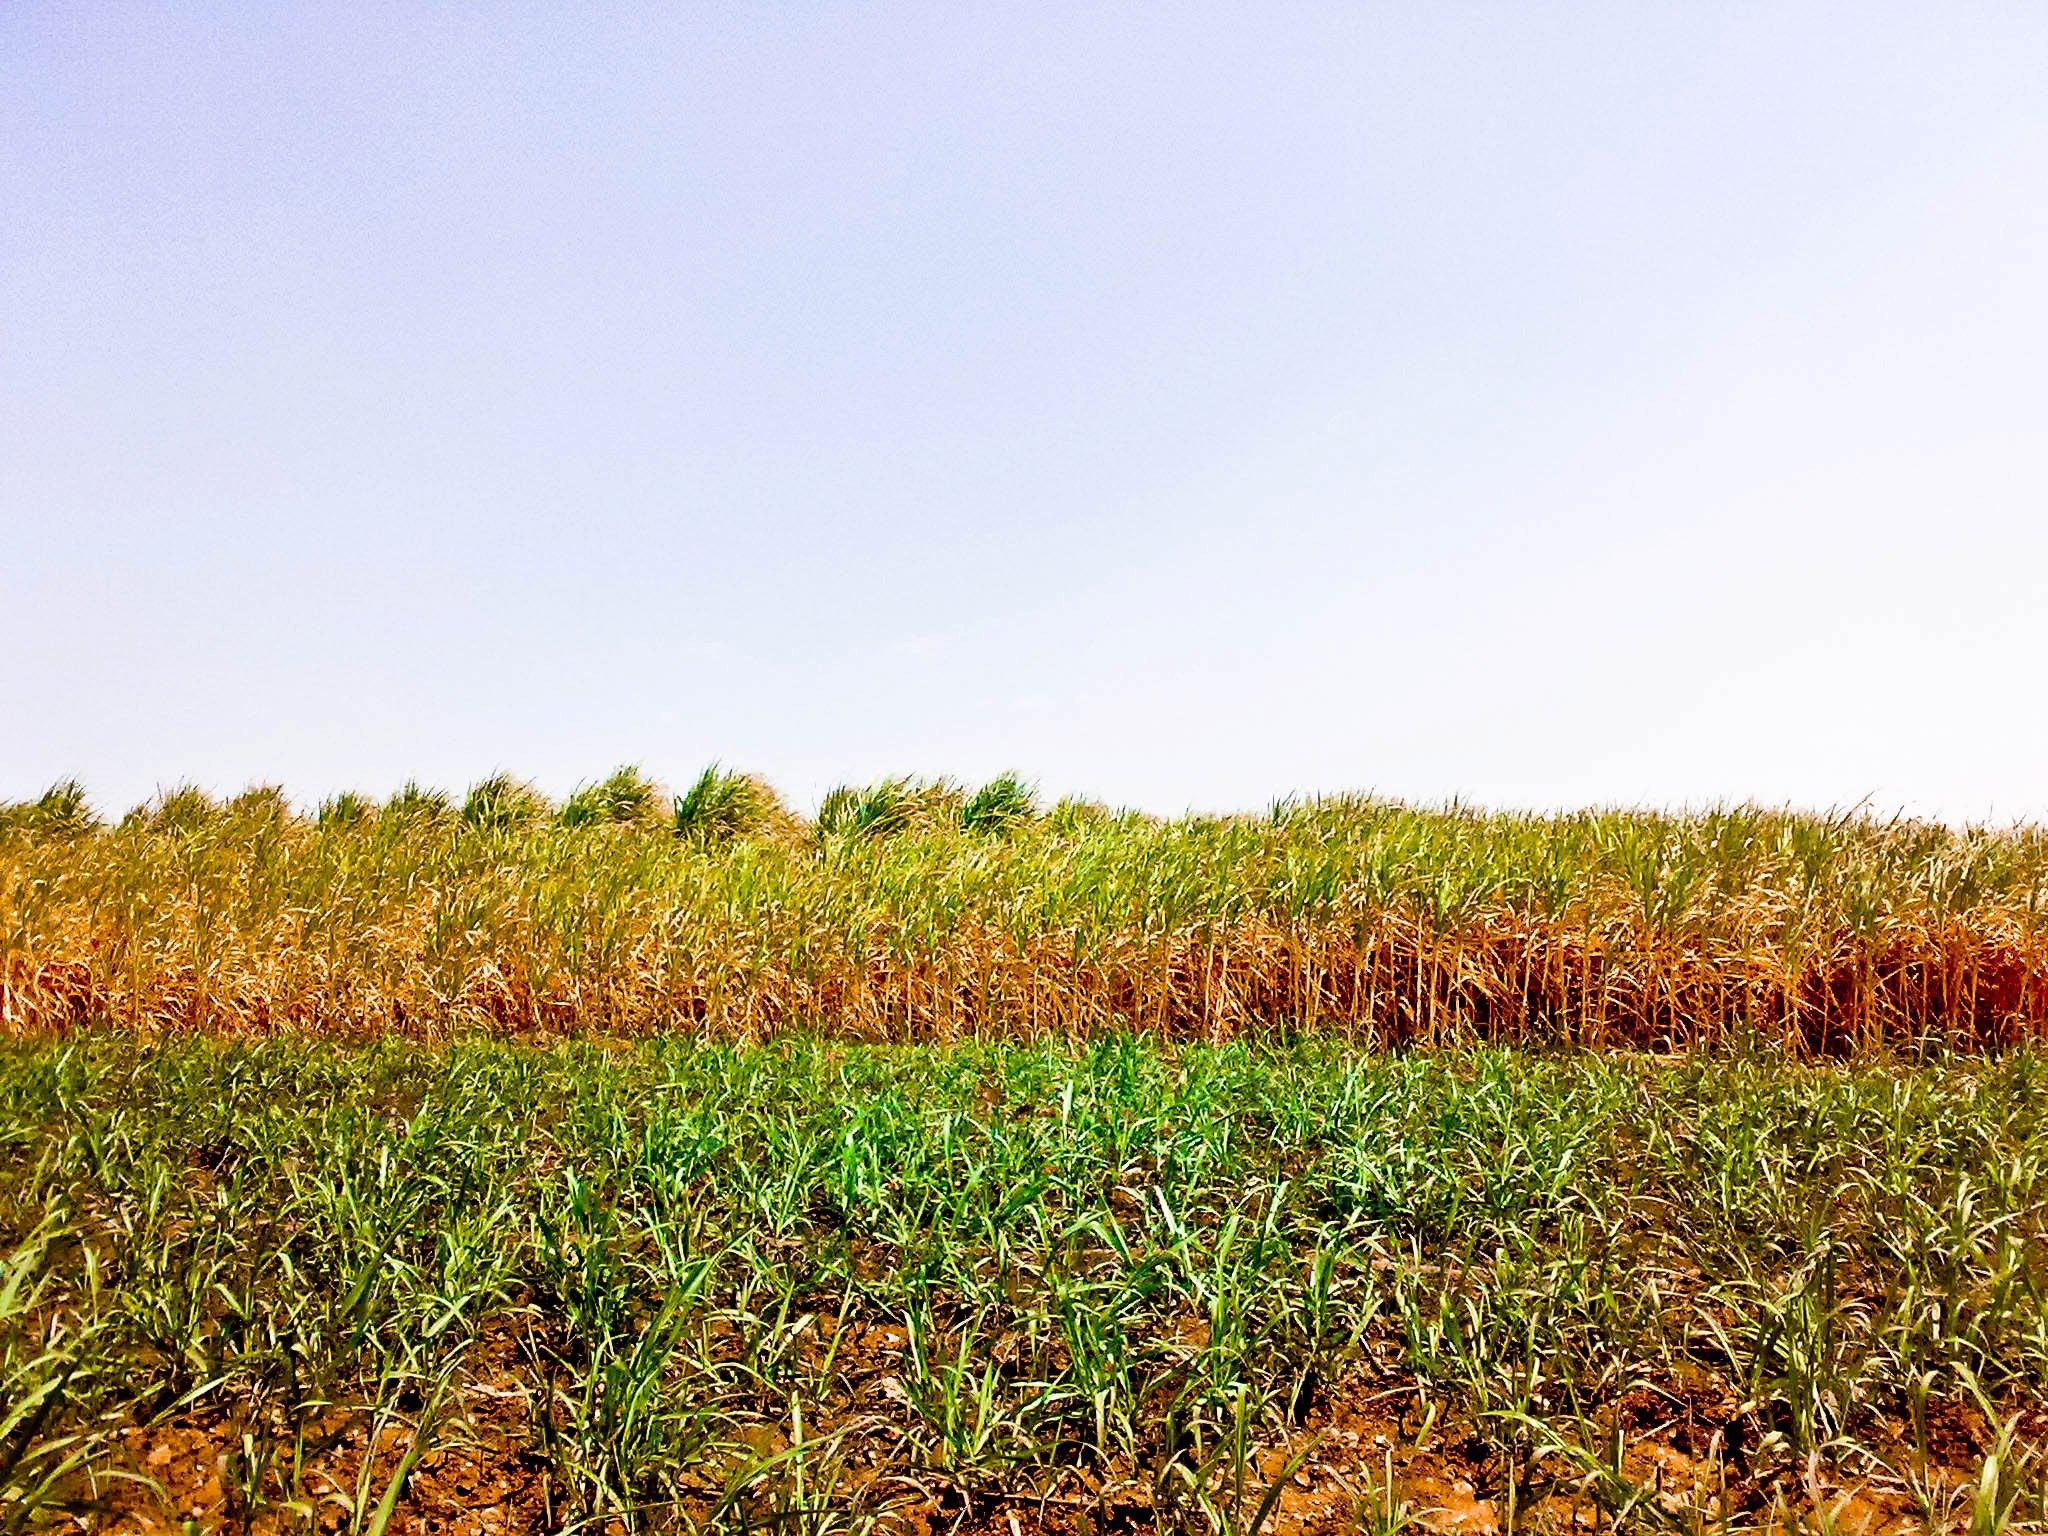 حقل من قصب السكر في اخر نقطة من الصورة نقوم باستخدامه ك (زريعة) أي تقاوي نزرع منها مرّة أخرى القصب